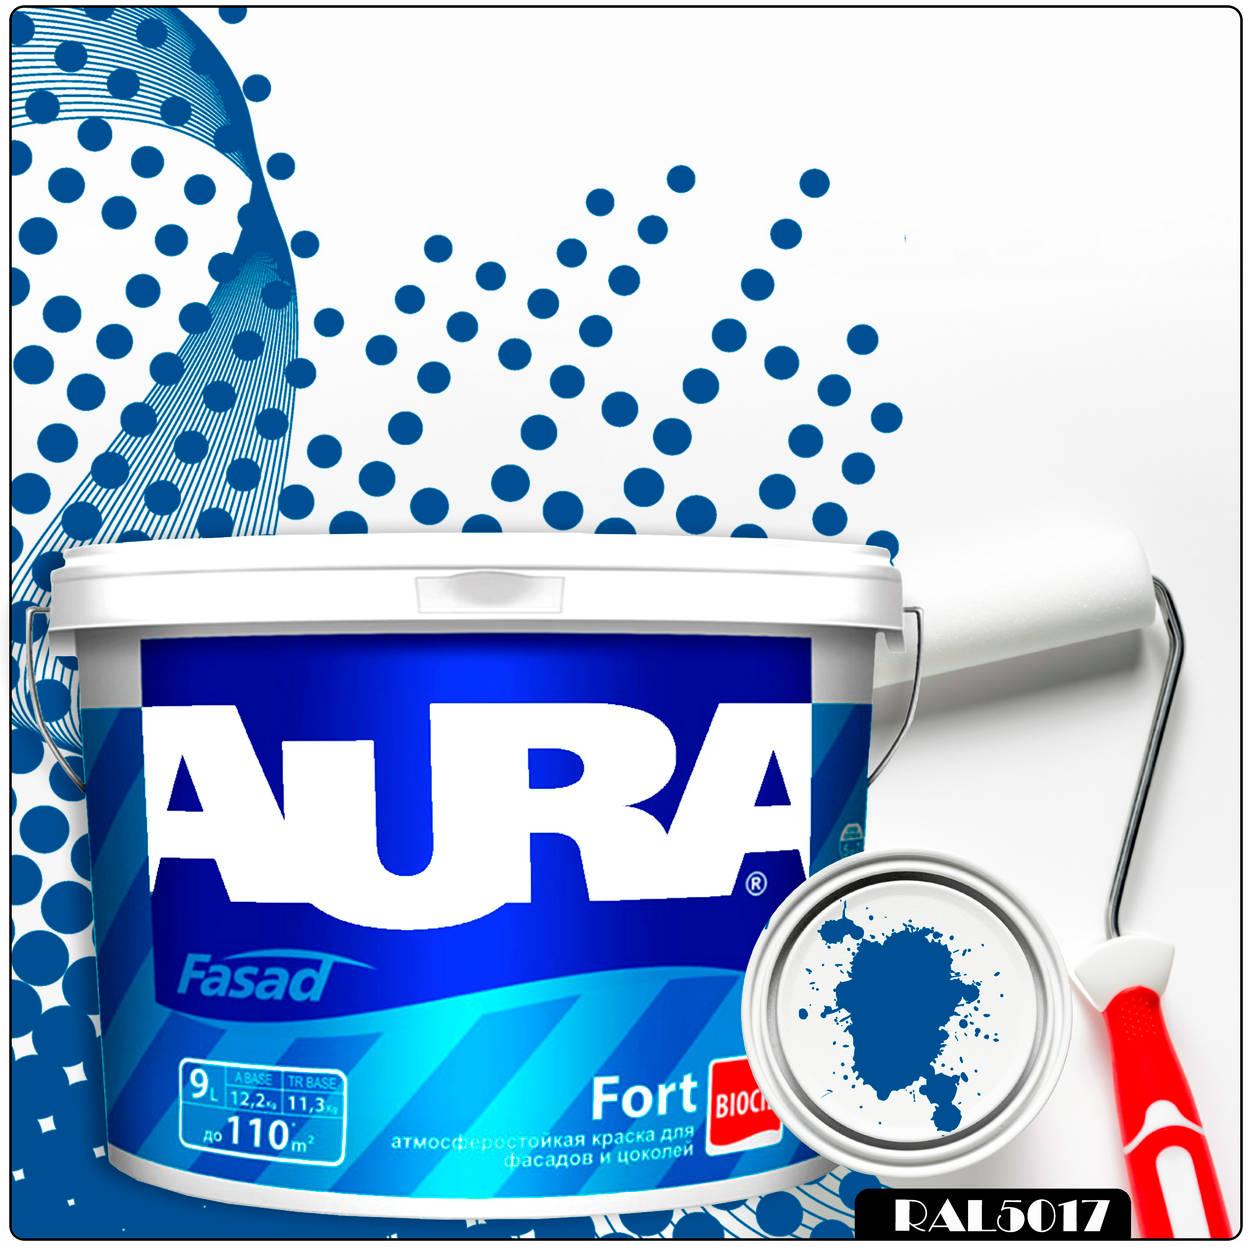 Фото 16 - Краска Aura Fasad Fort, RAL 5017 Транспортный синий, латексная, матовая, для фасада и цоколей, 9л, Аура.